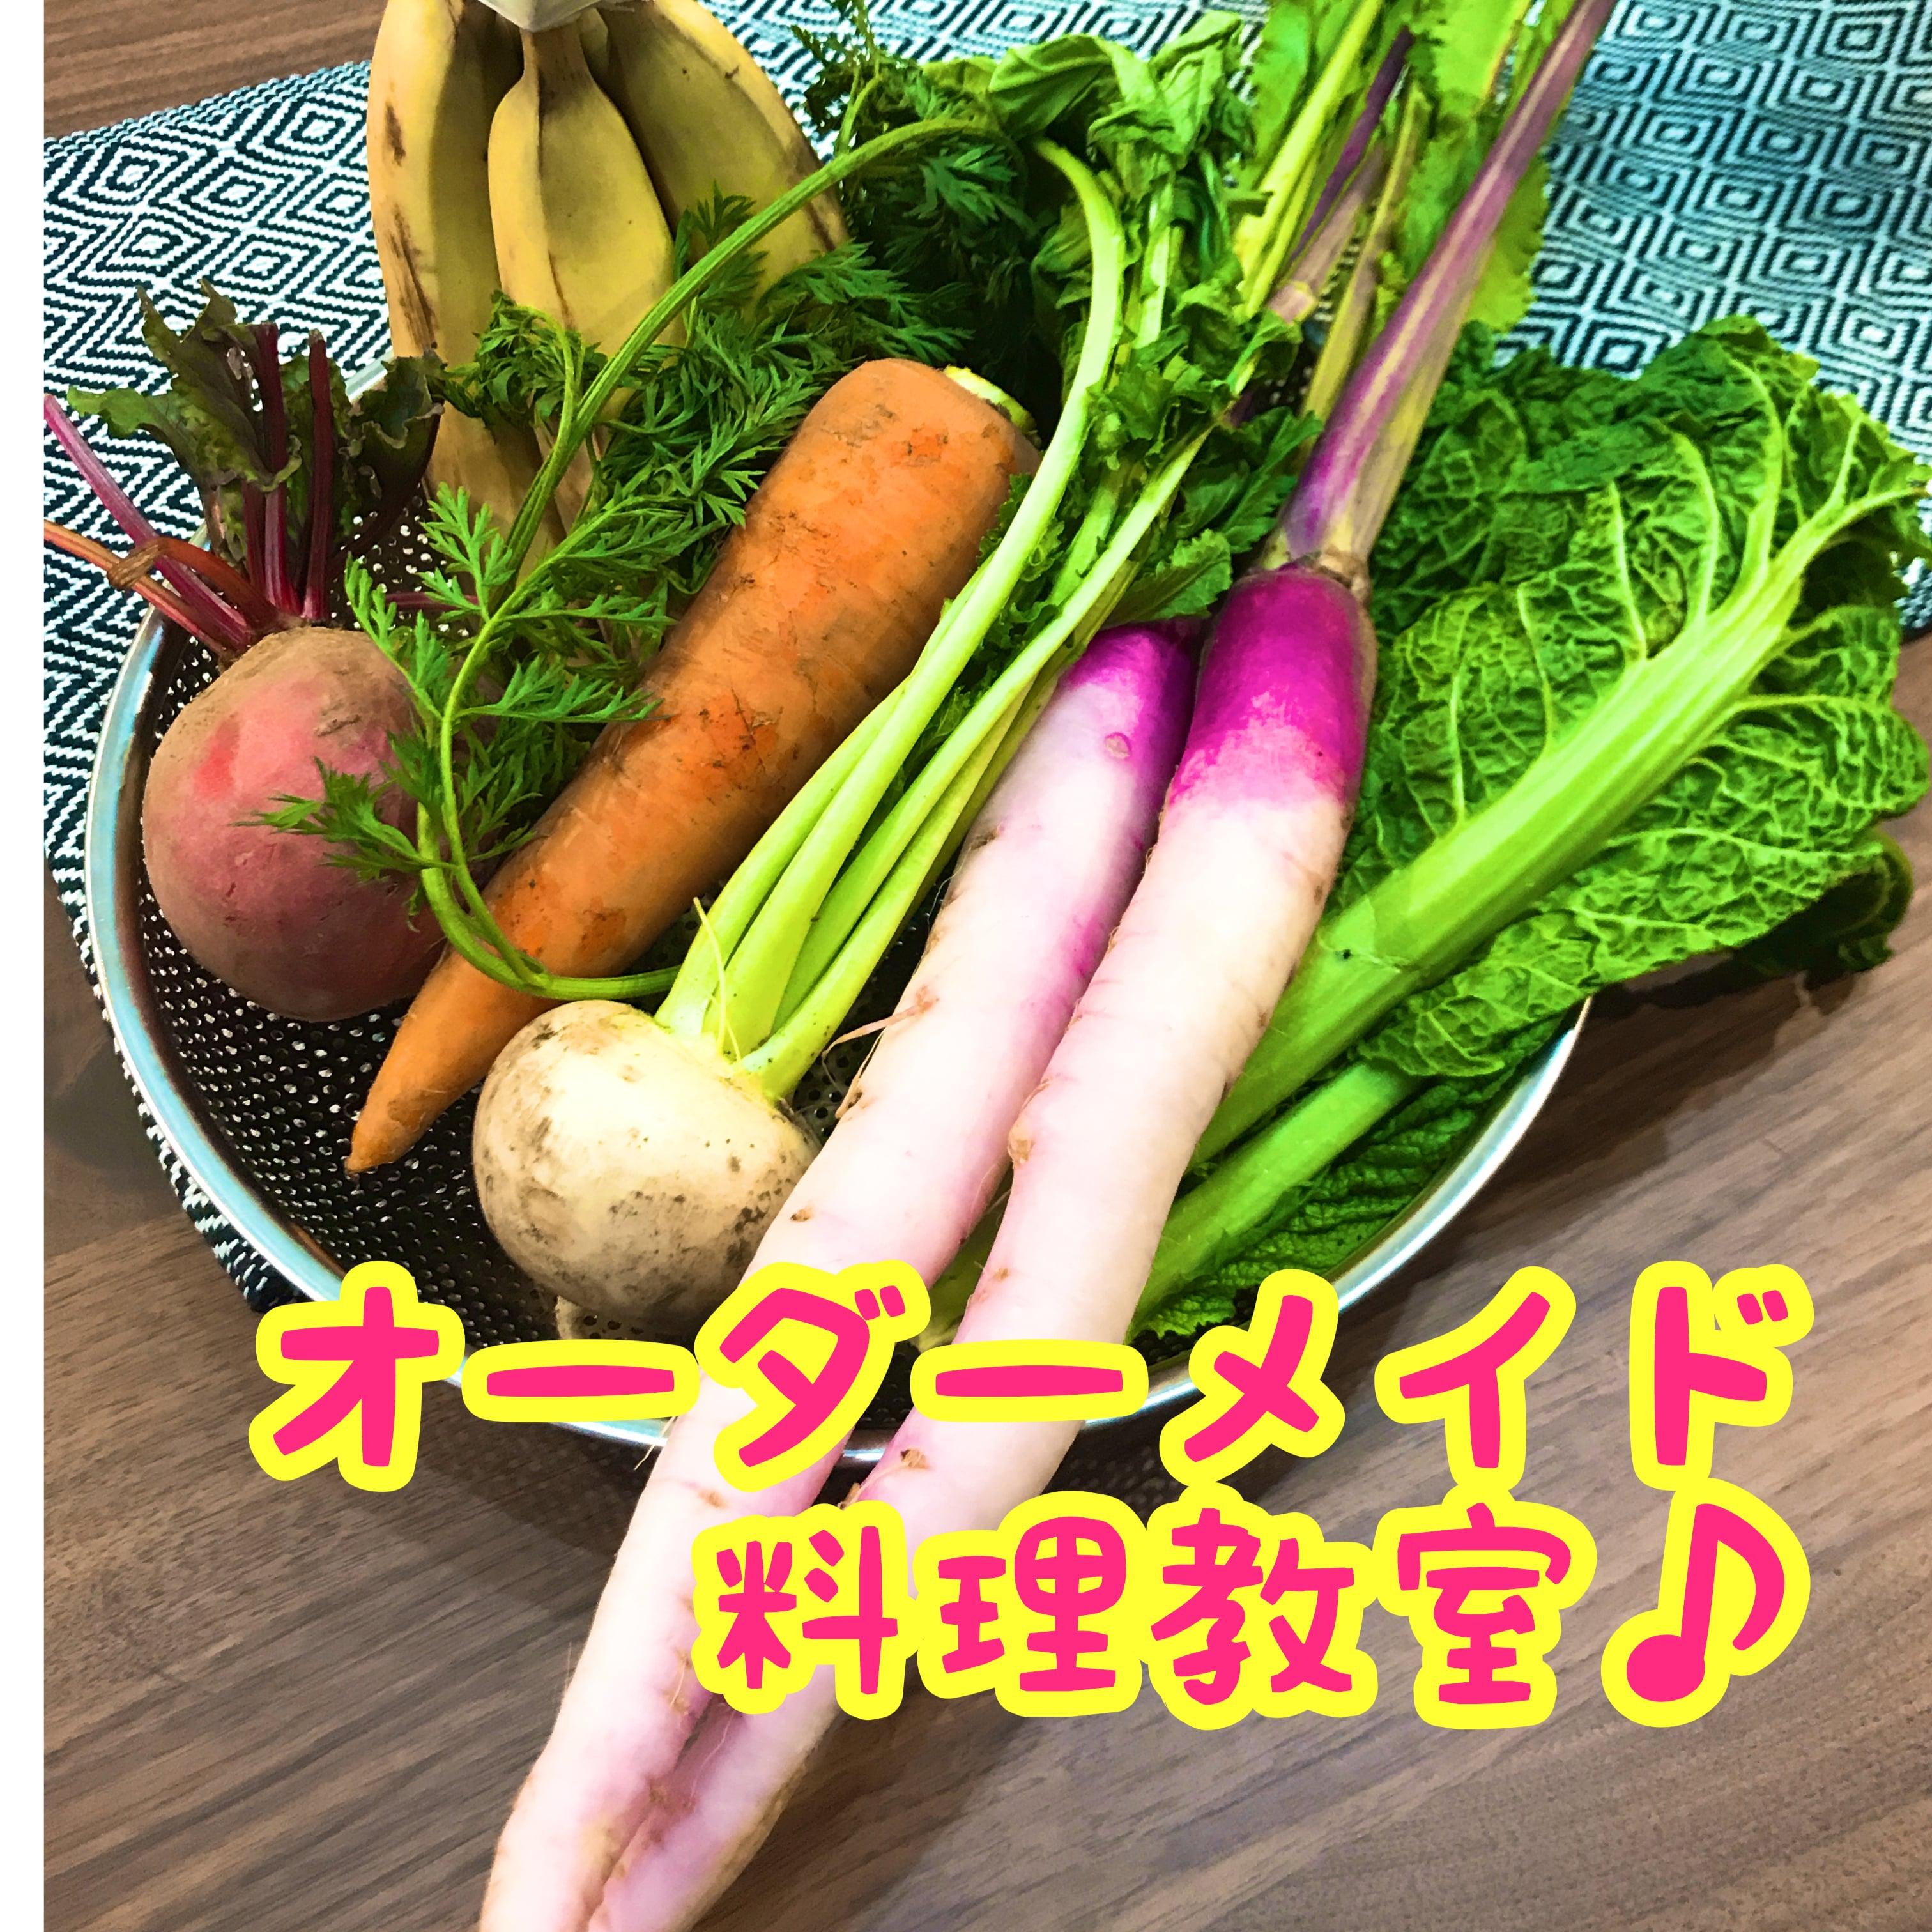 栄養料理教室♪(本八幡/出張/Zoom料理教室)のイメージその1